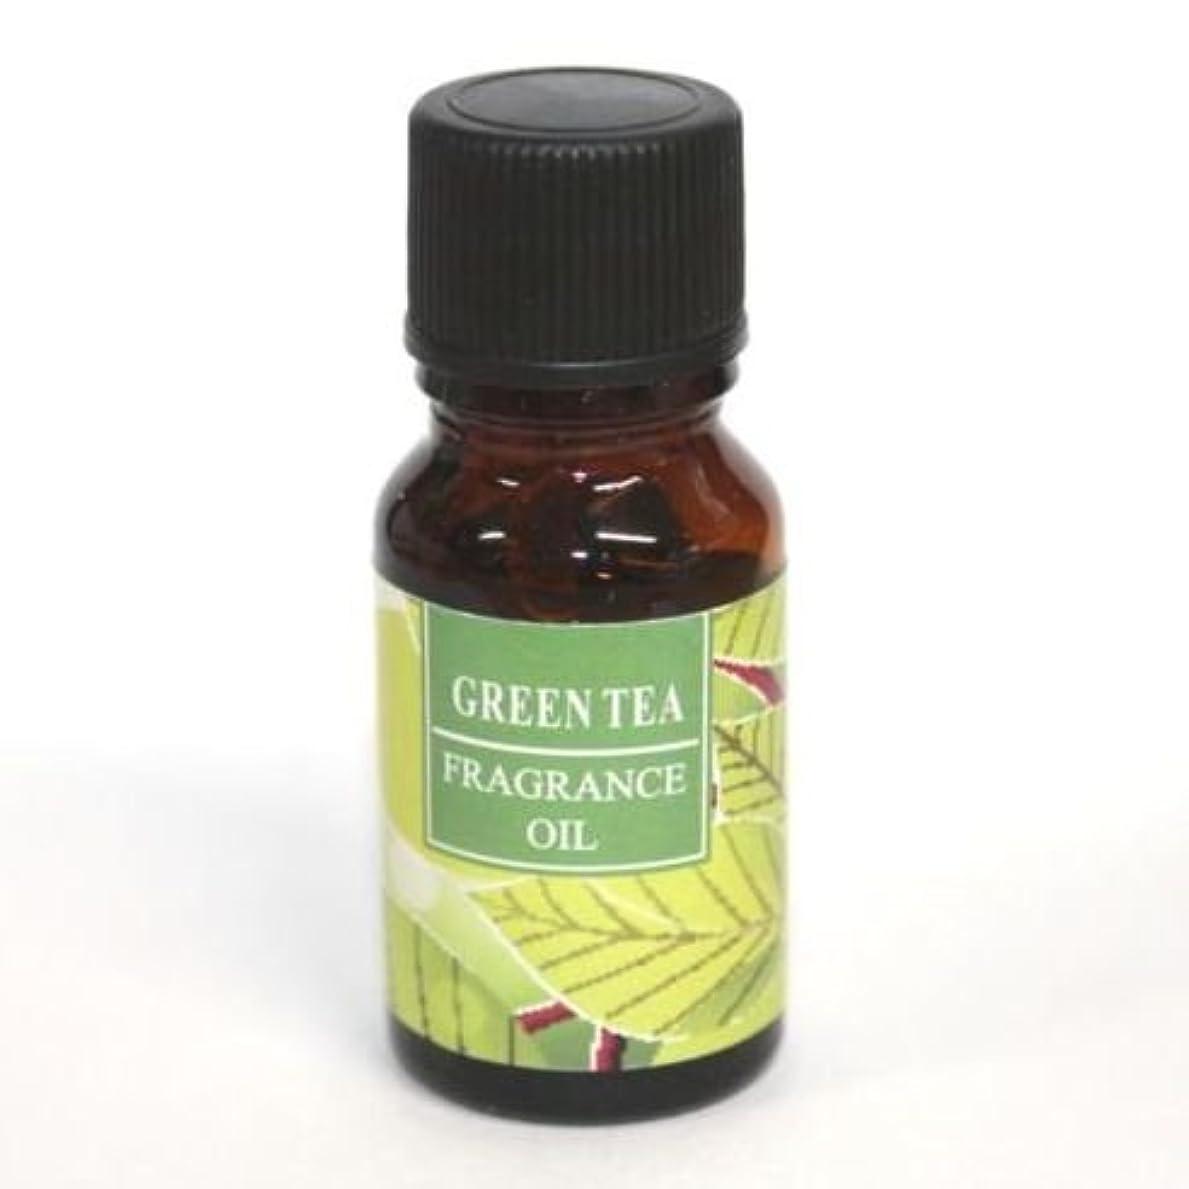 促進する実行する分RELAXING アロマオイル AROMA OIL フレグランスオイル GREEN TEA 緑茶の香り RQ-09